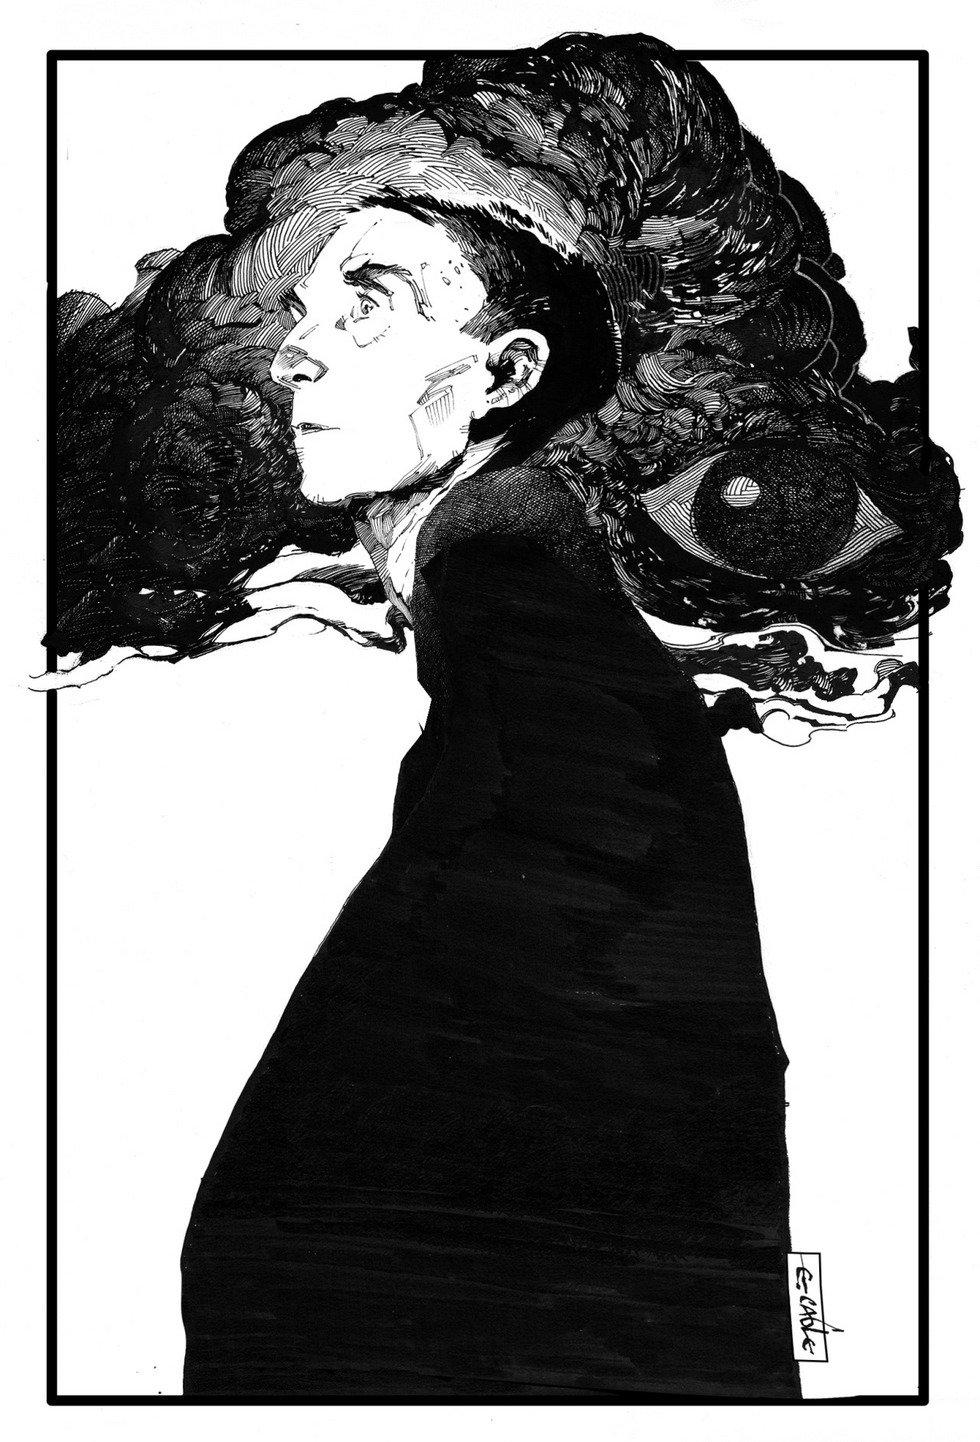 也许只有这样的黑白画面才能体现线条的力量与美吧 -evan cagle